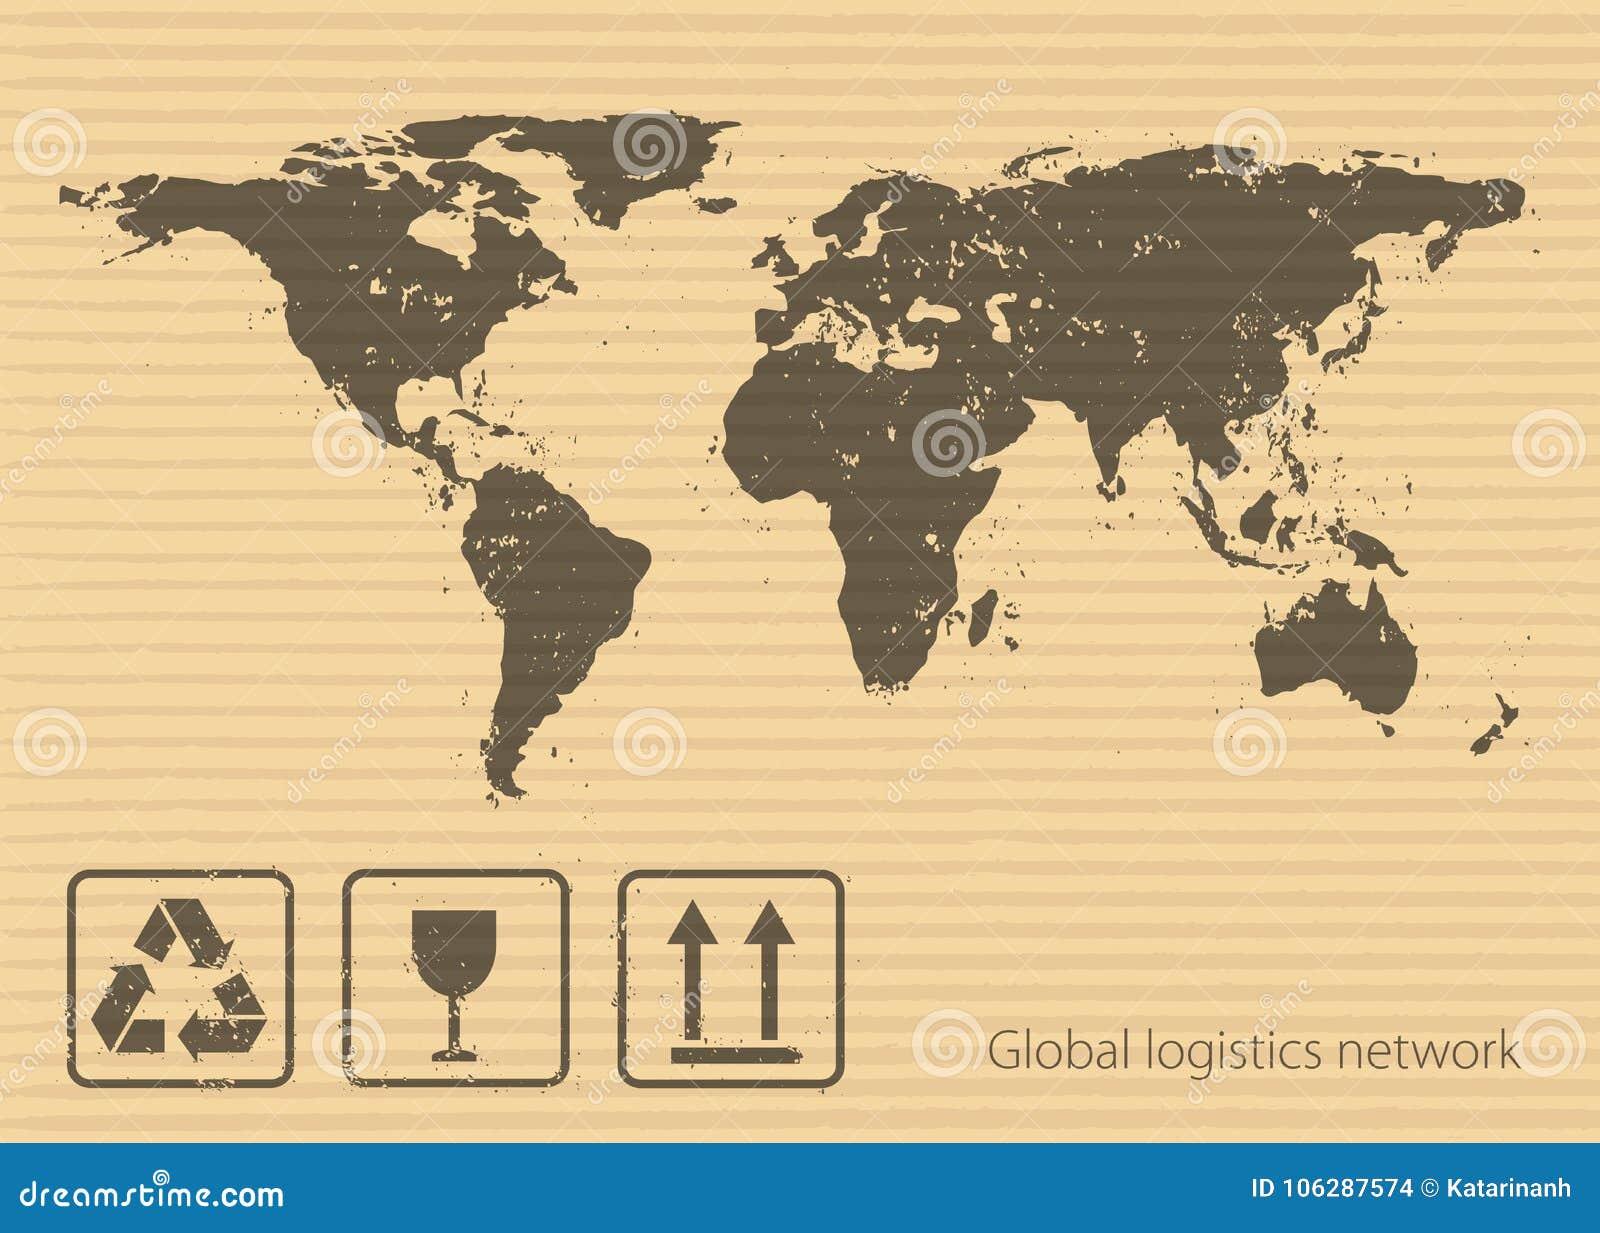 Concept Global De Réseau De Logistique Symboles De Carte Et